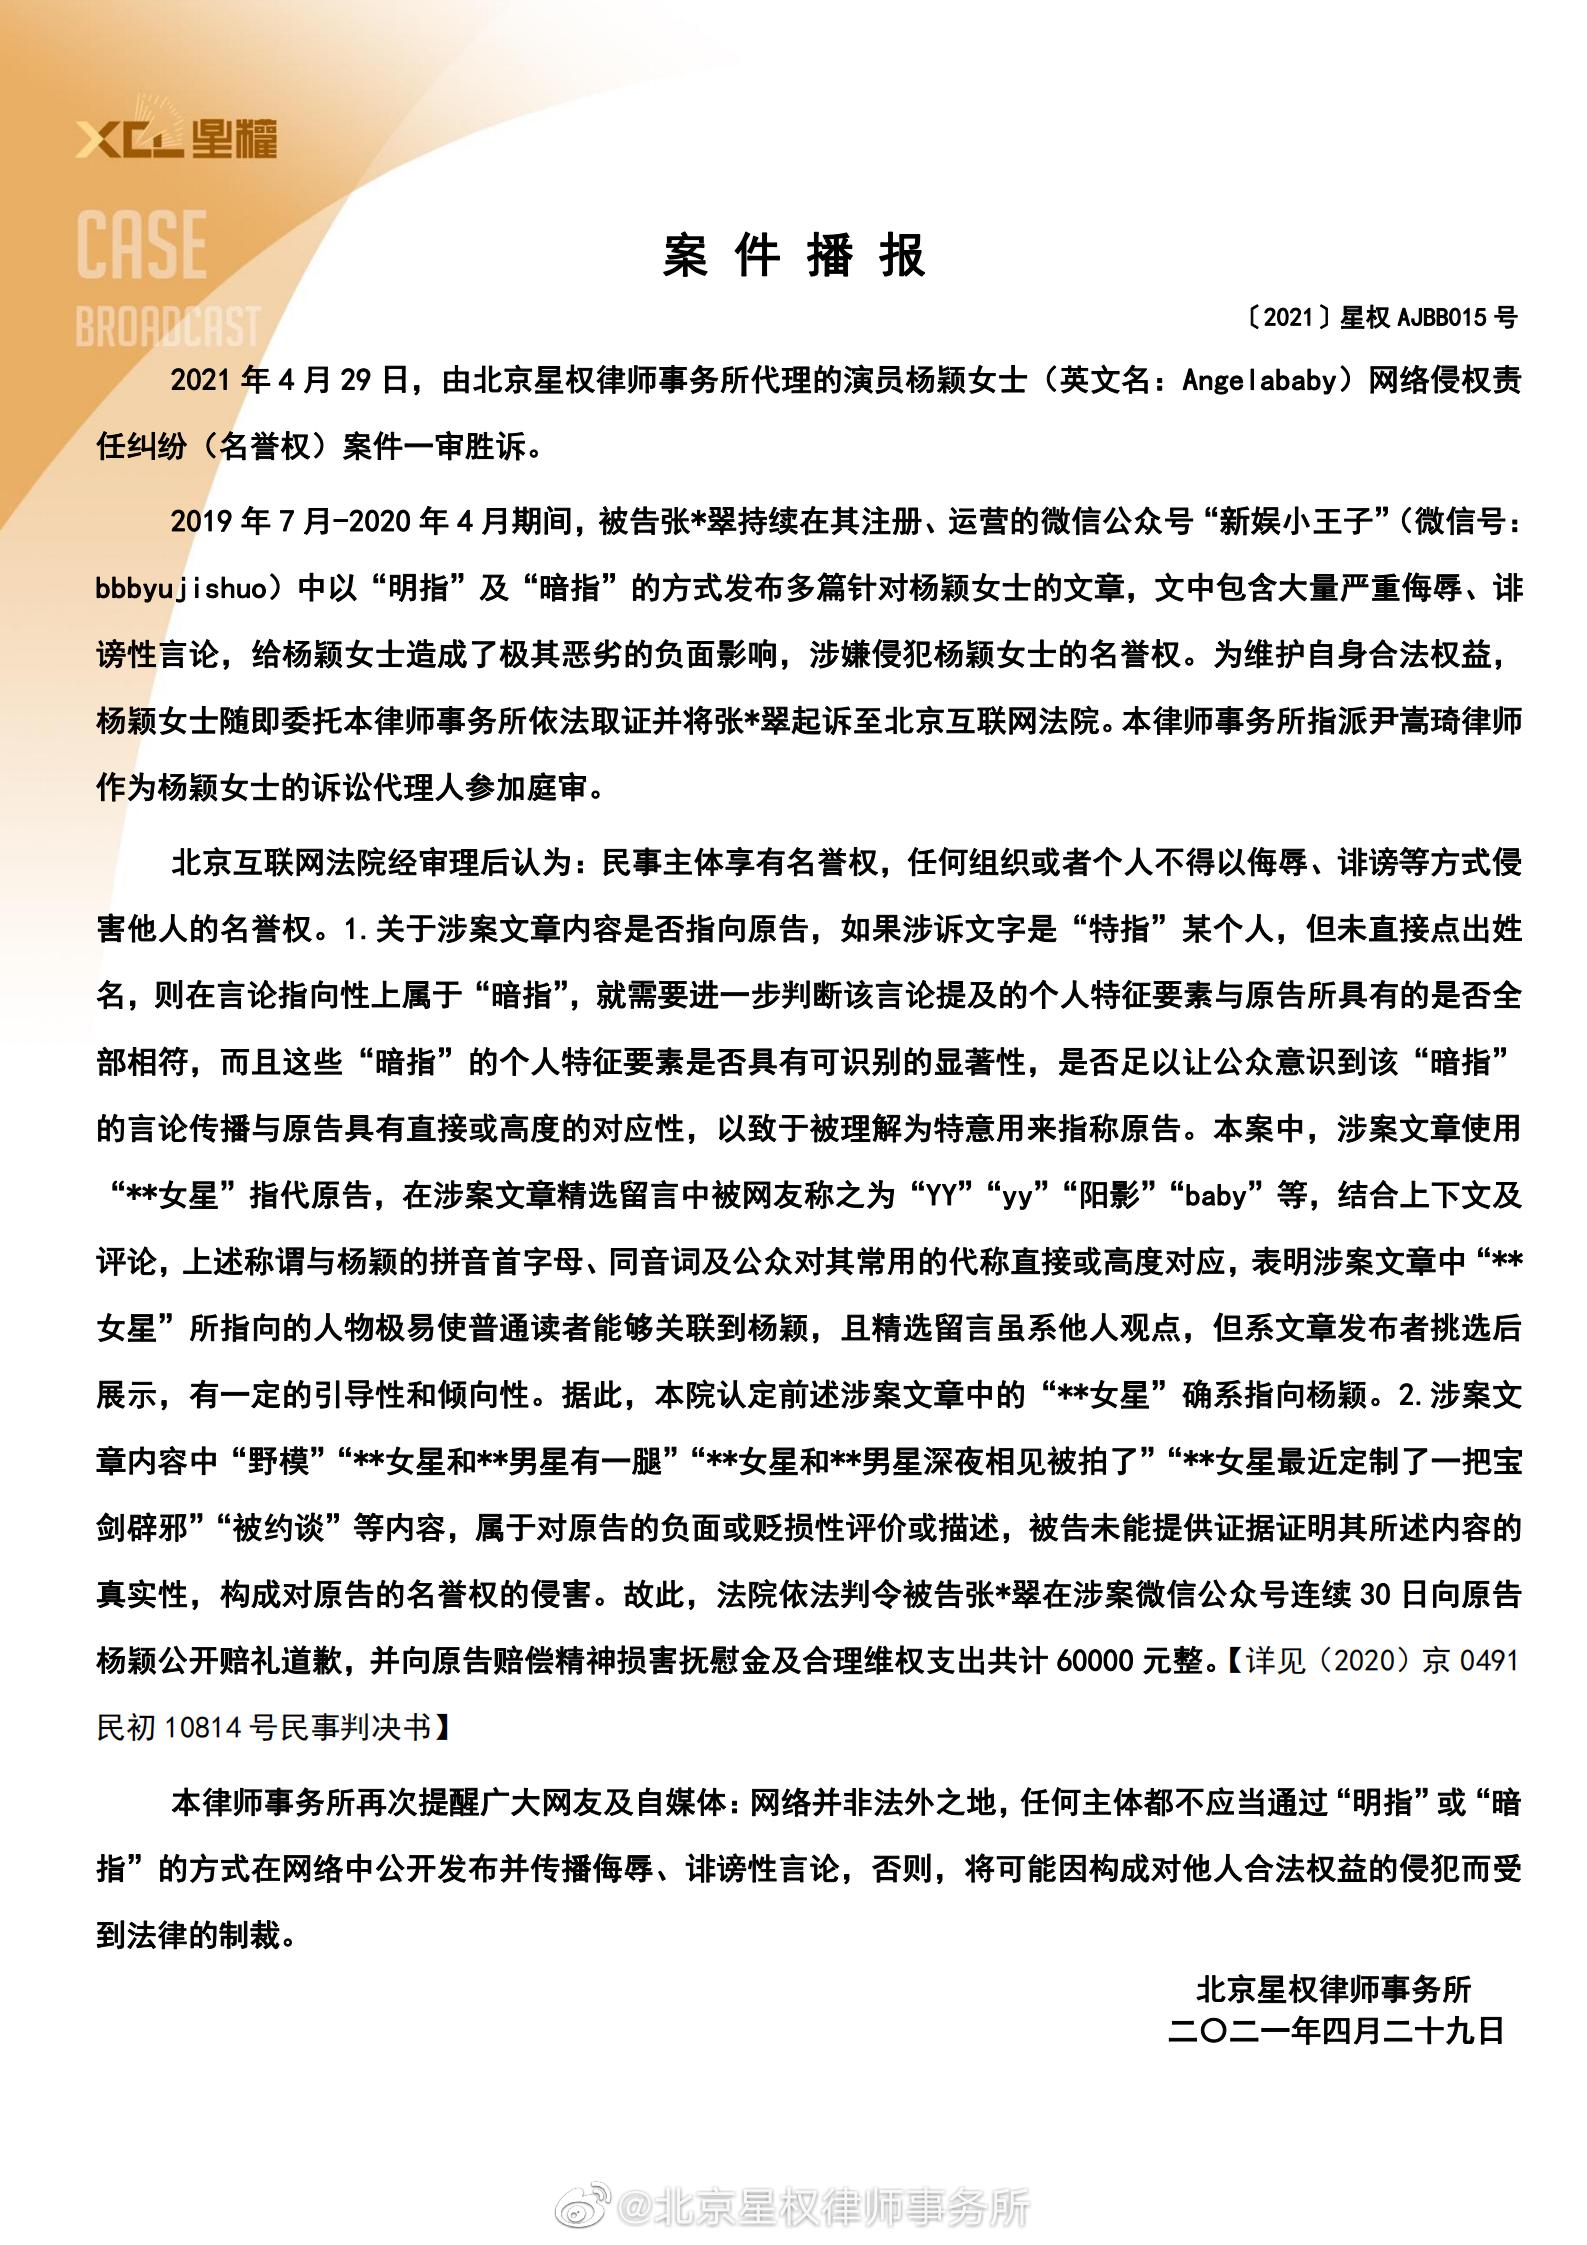 杨颖名誉权案一审胜诉,被告需赔偿精神损害抚慰金等共六万元